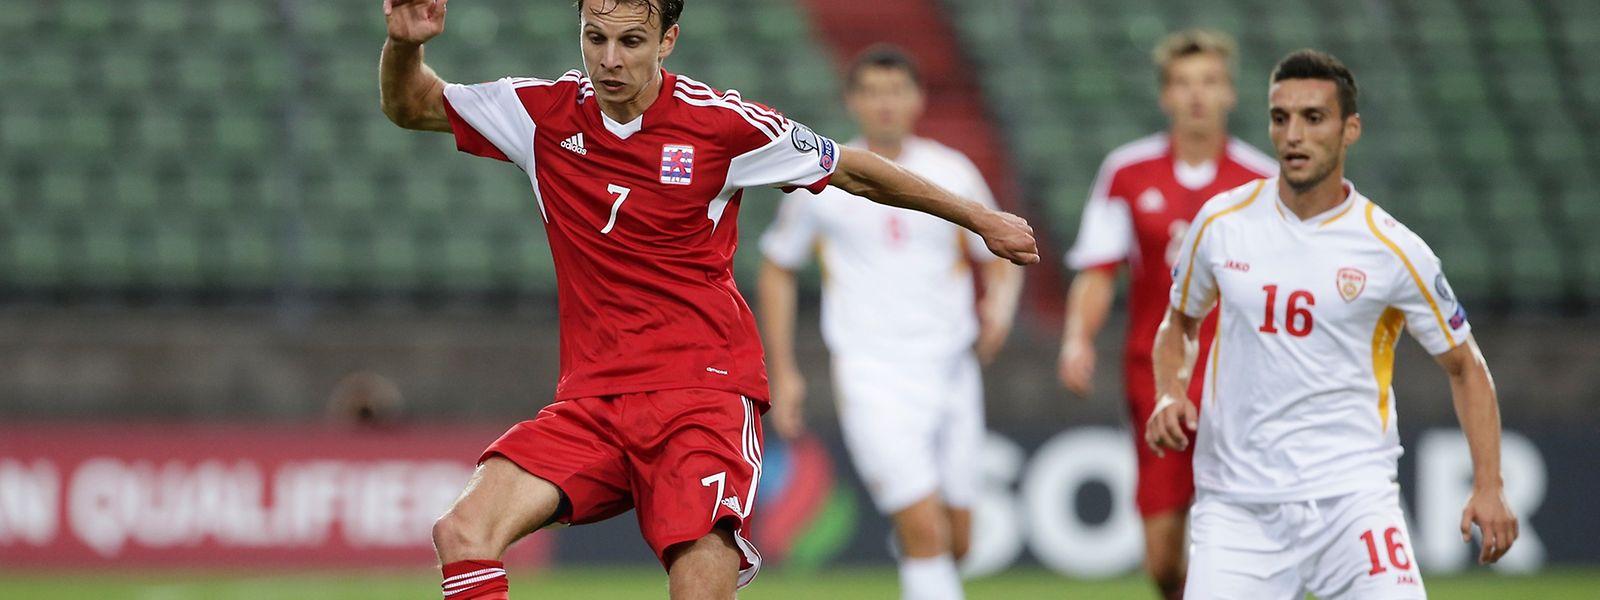 Lars Gerson und die Luxemburger Nationalmannschaft hatten am Samstag das Glück auf ihrer Seite.